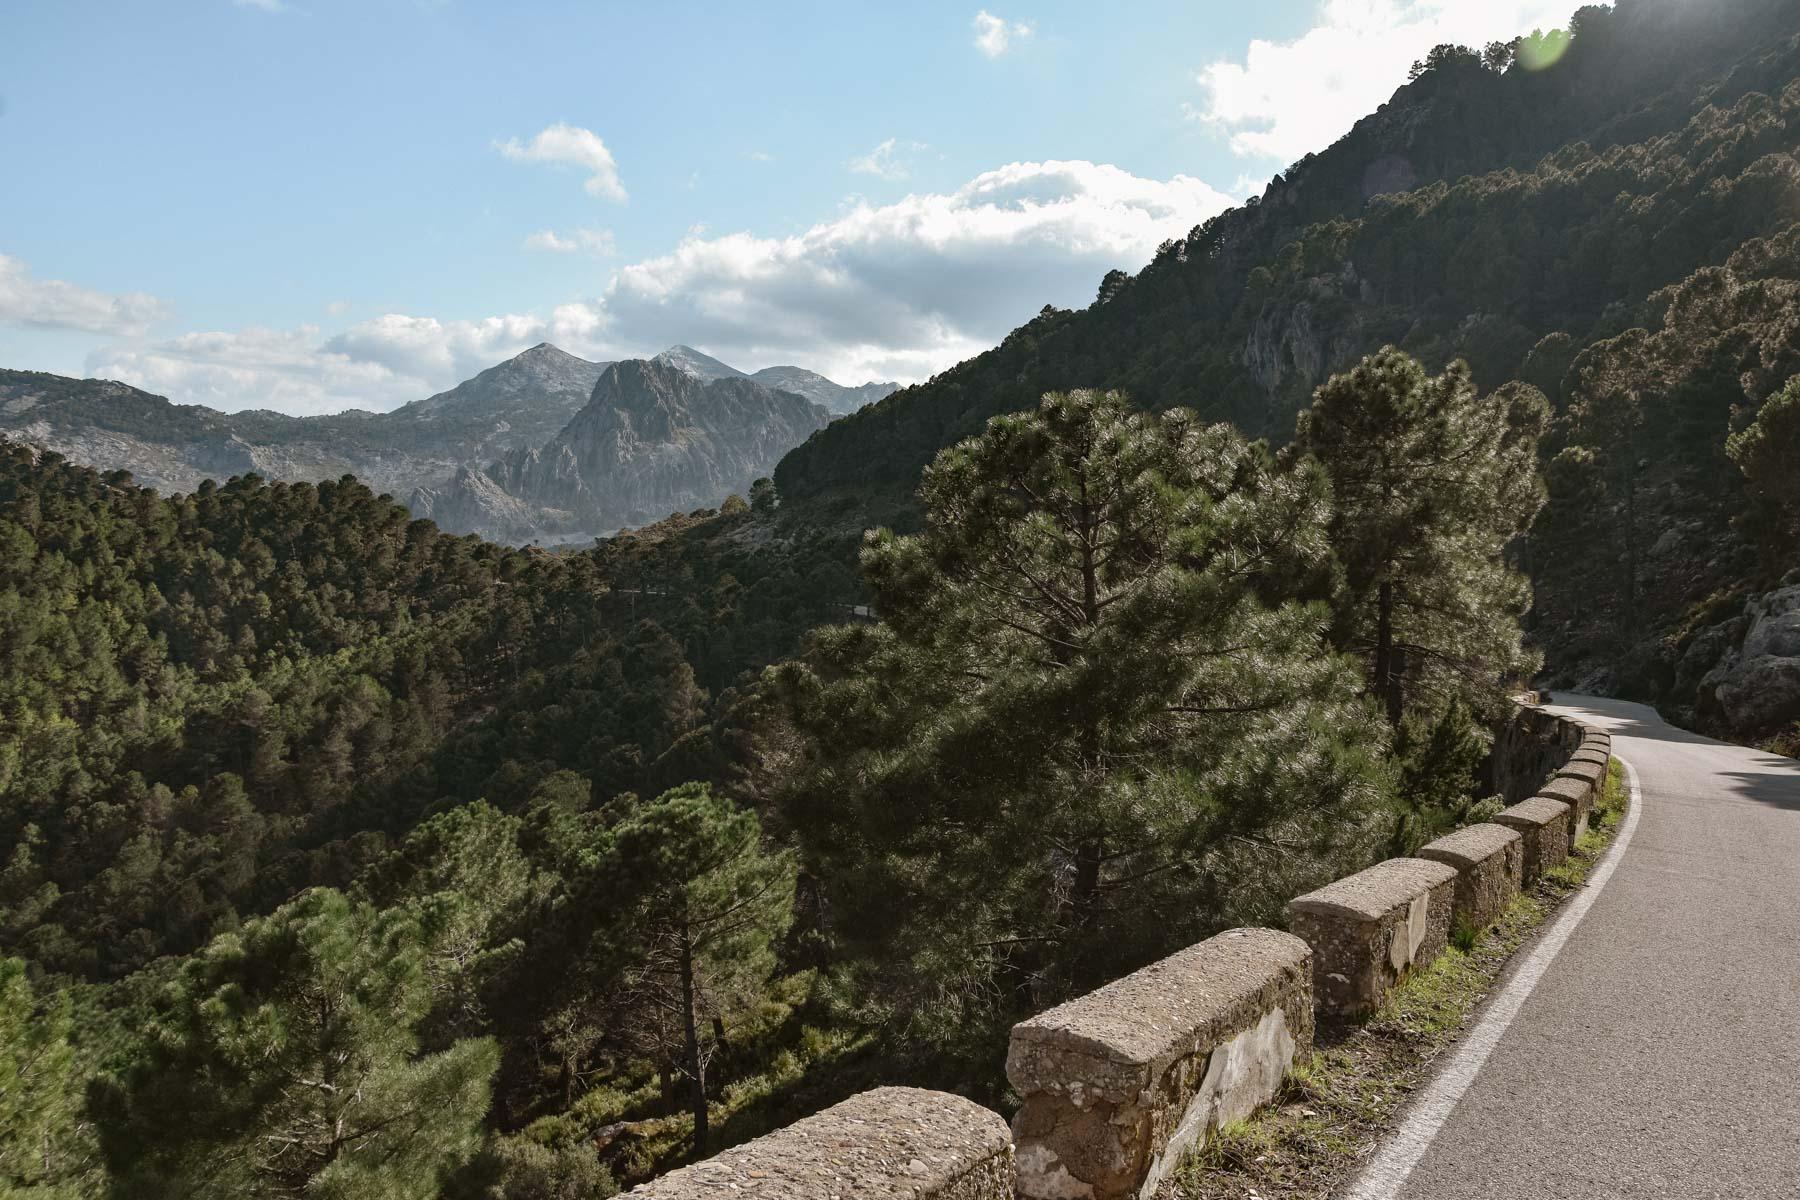 Vue sur les montagnes de la Sierra de Grazalema, Andalousie